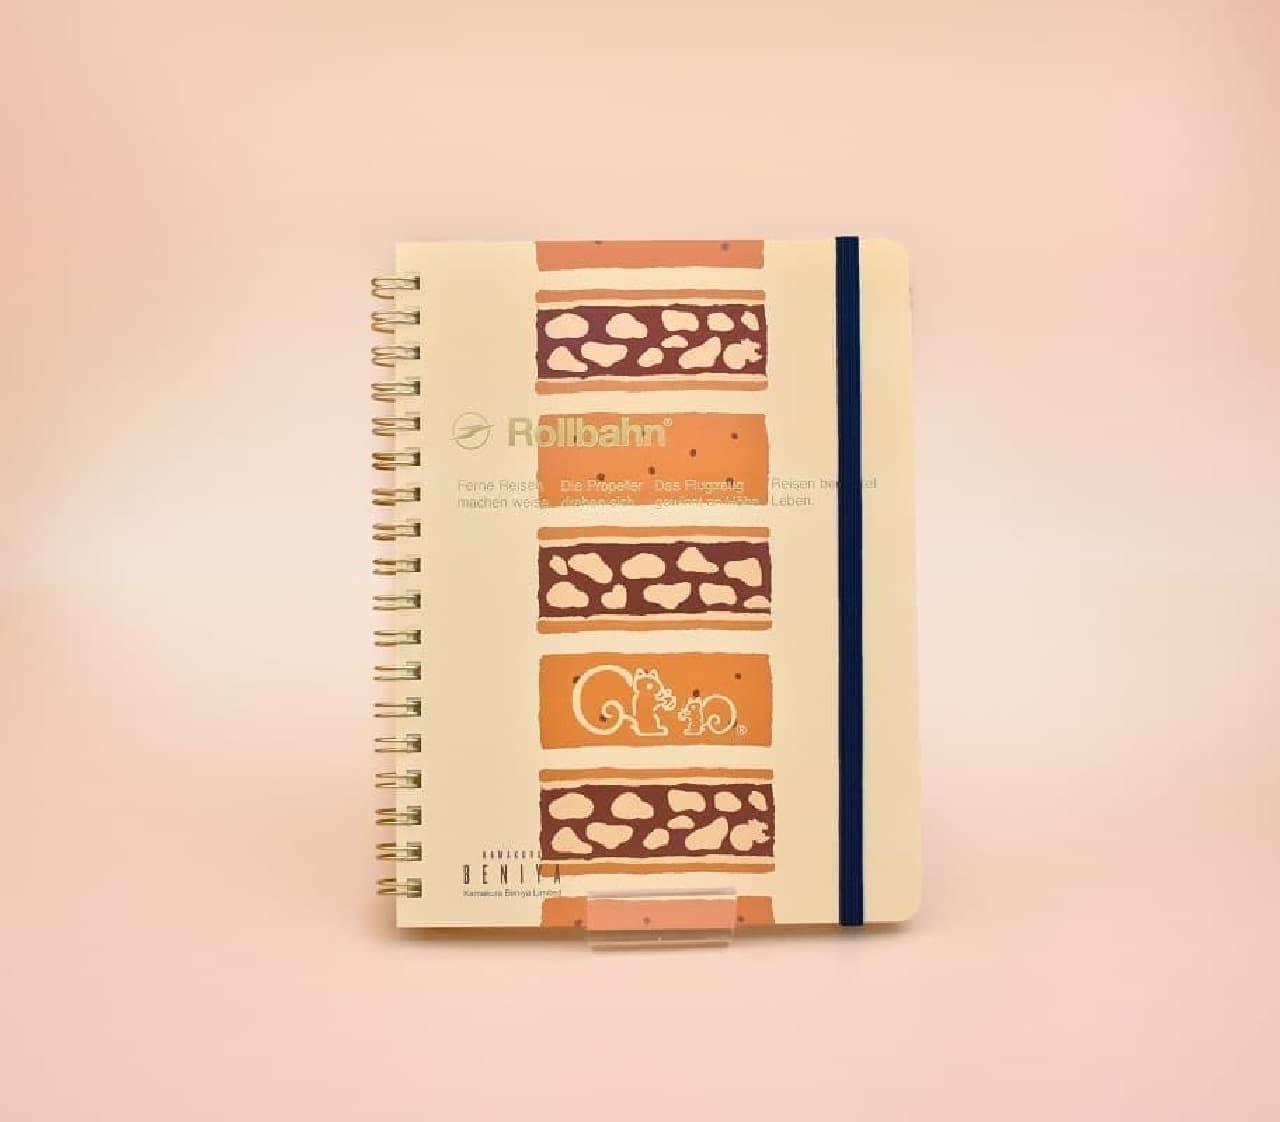 クルミッ子×ロルバーン ポケット付メモがコラボ!お菓子付きセットも